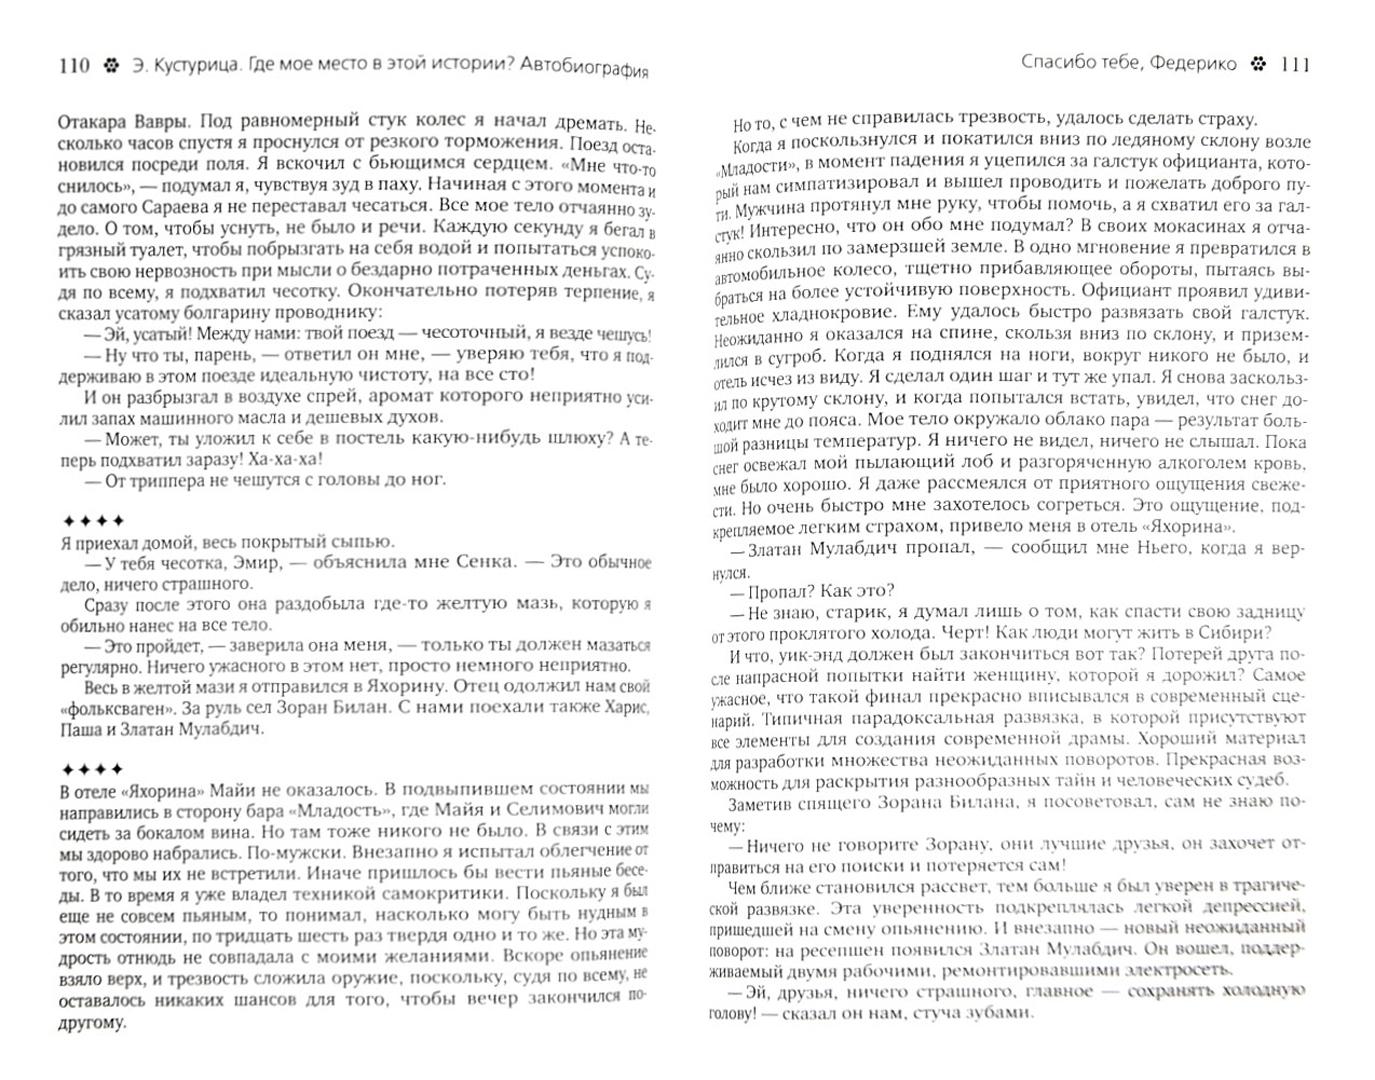 Иллюстрация 1 из 12 для Эмир Кустурица. Где мое место в этой истории? Автобиография - Кустурица | Лабиринт - книги. Источник: Лабиринт